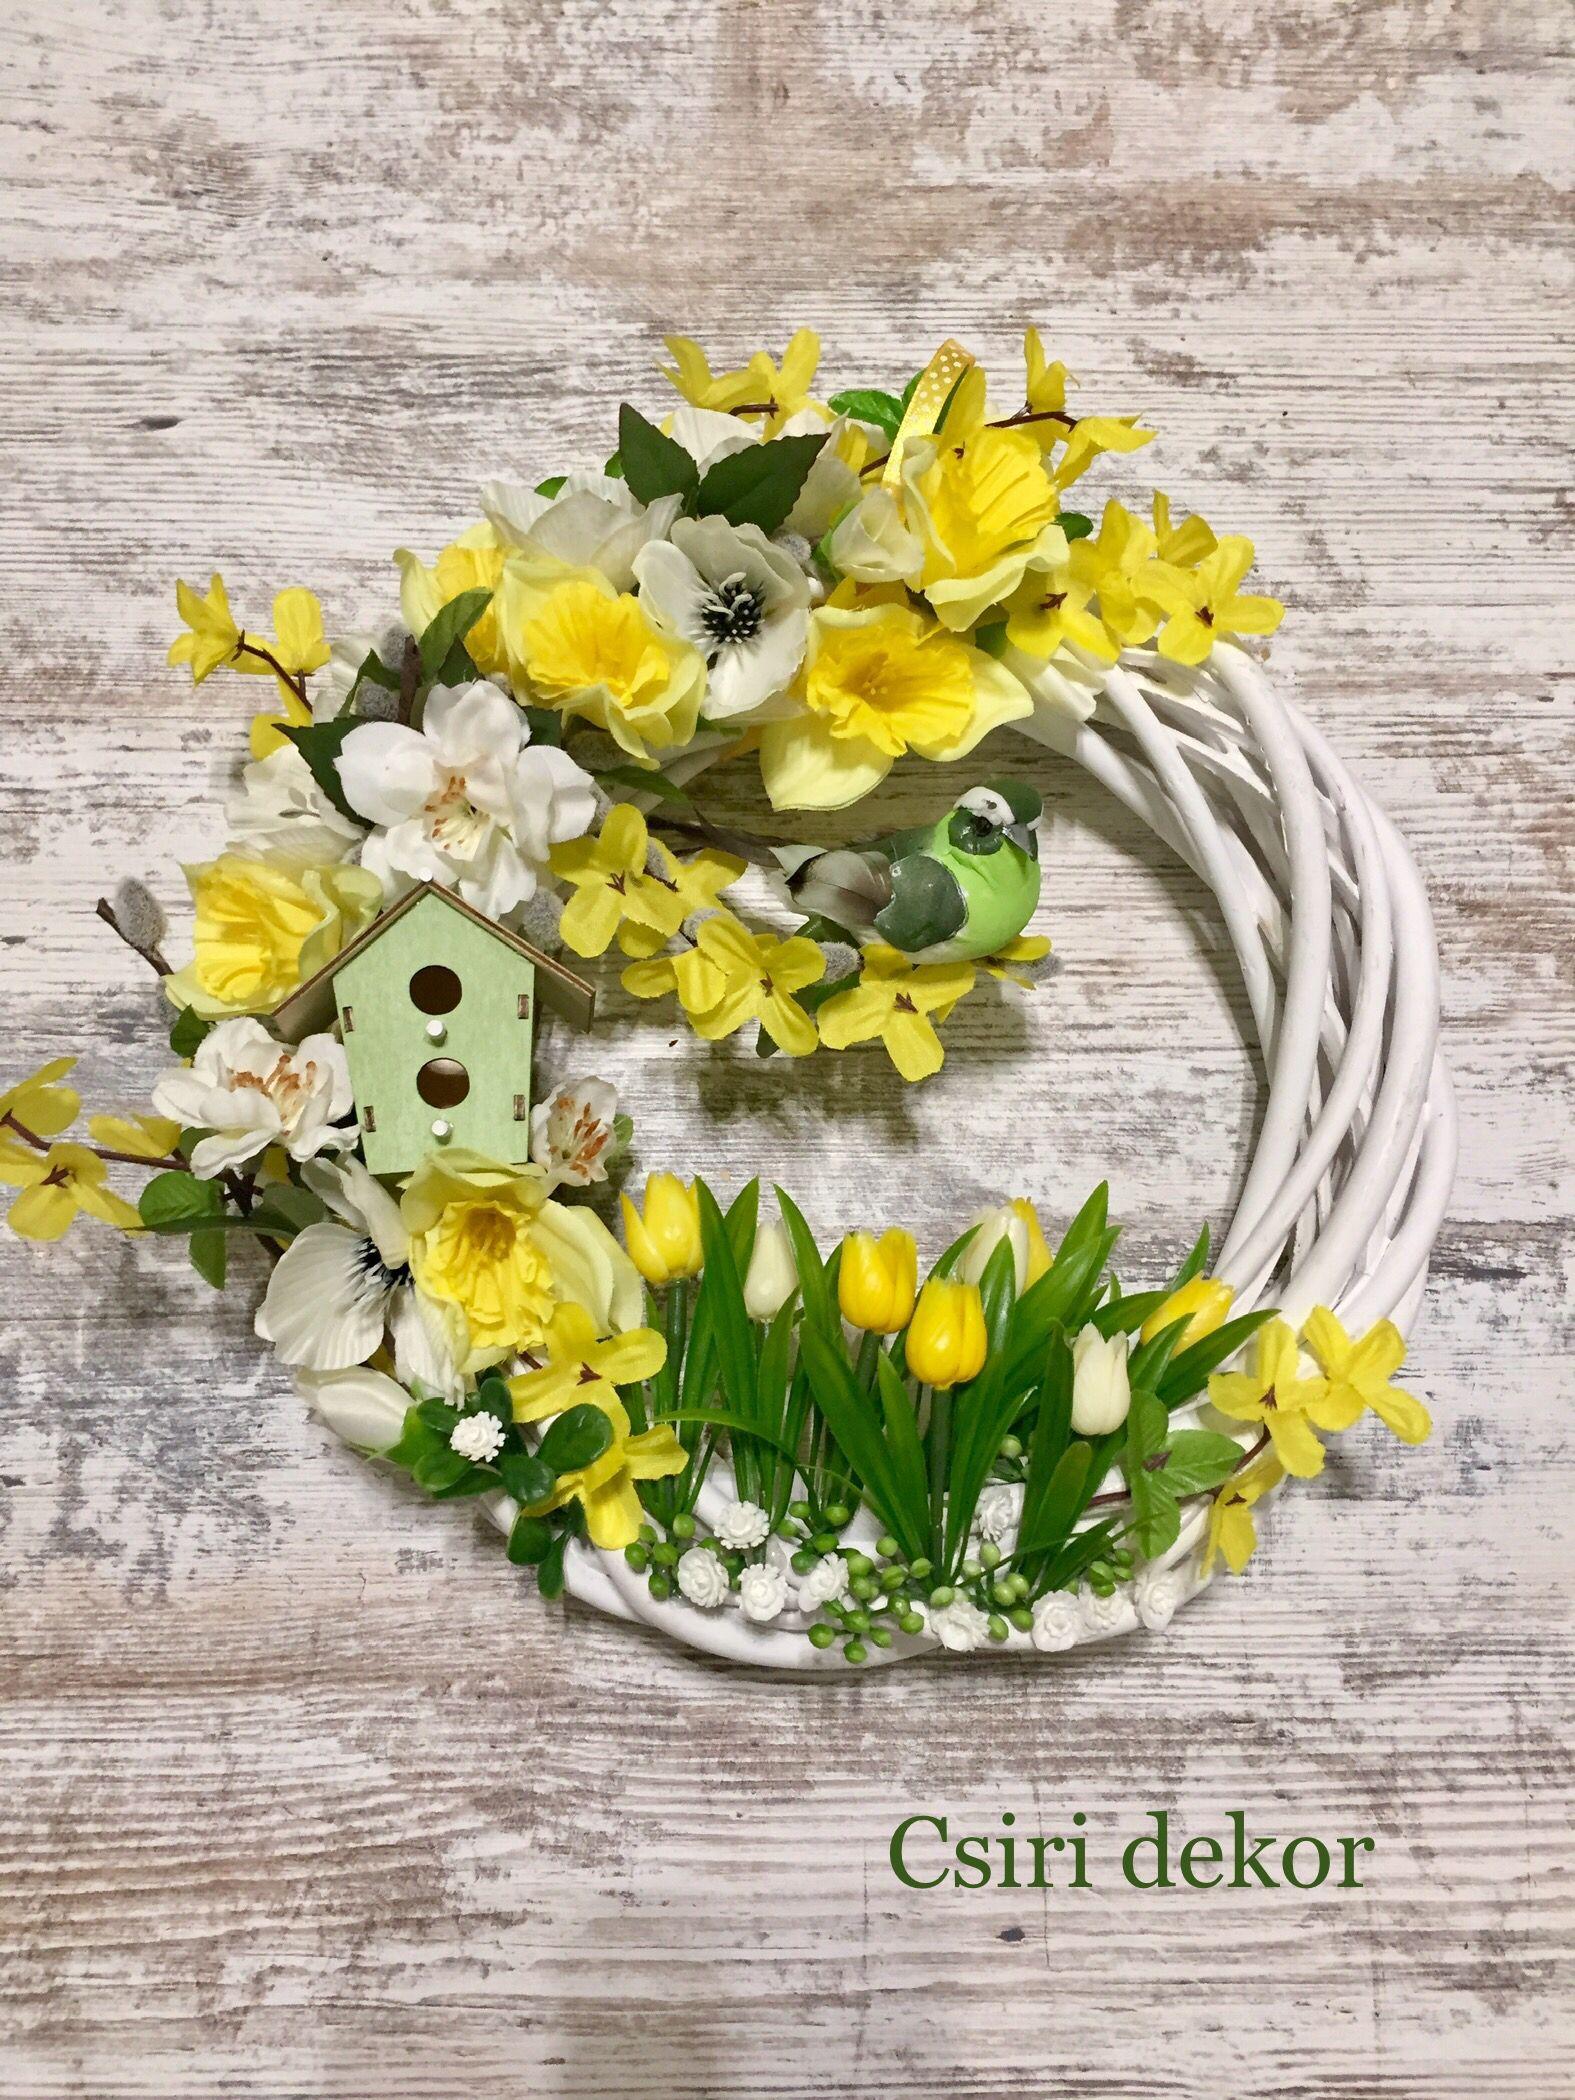 Kwiaty Szukaj W Google Flowers Flower Arrangements Order Flowers Online